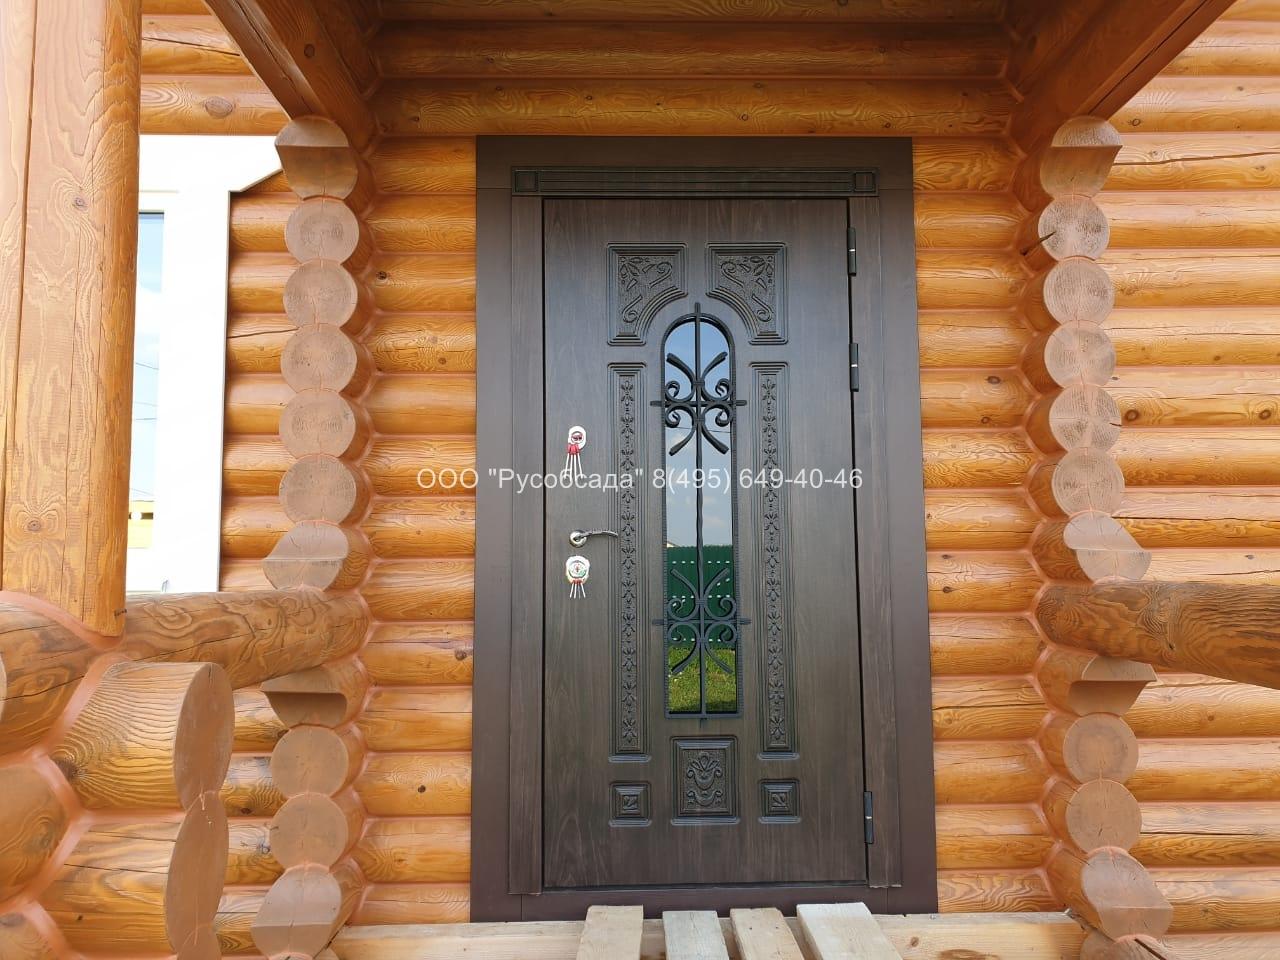 Русь Термо дверь со стеклопакетом